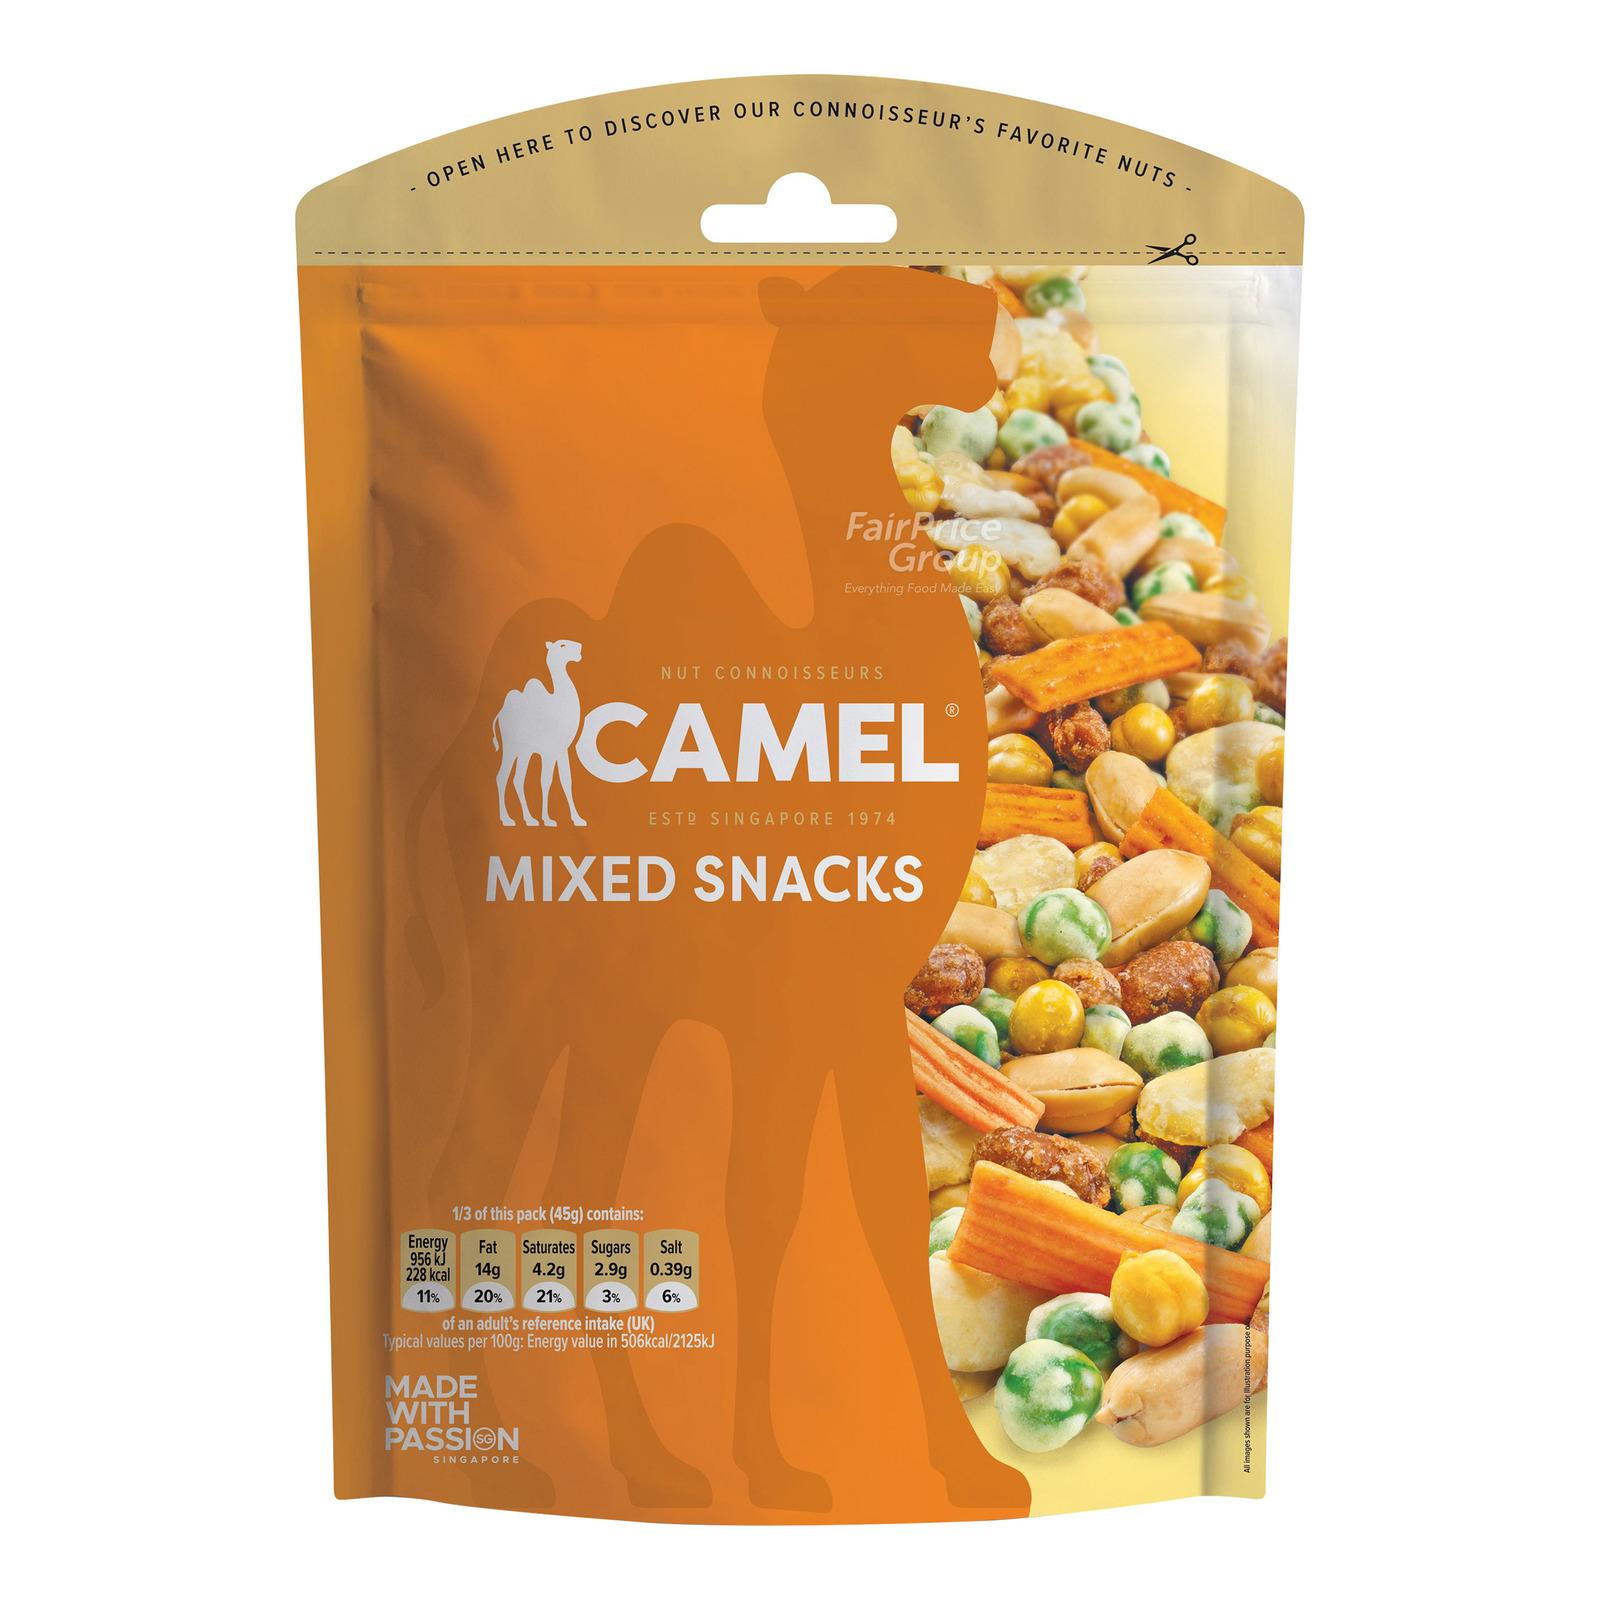 Camel Mixed Snacks